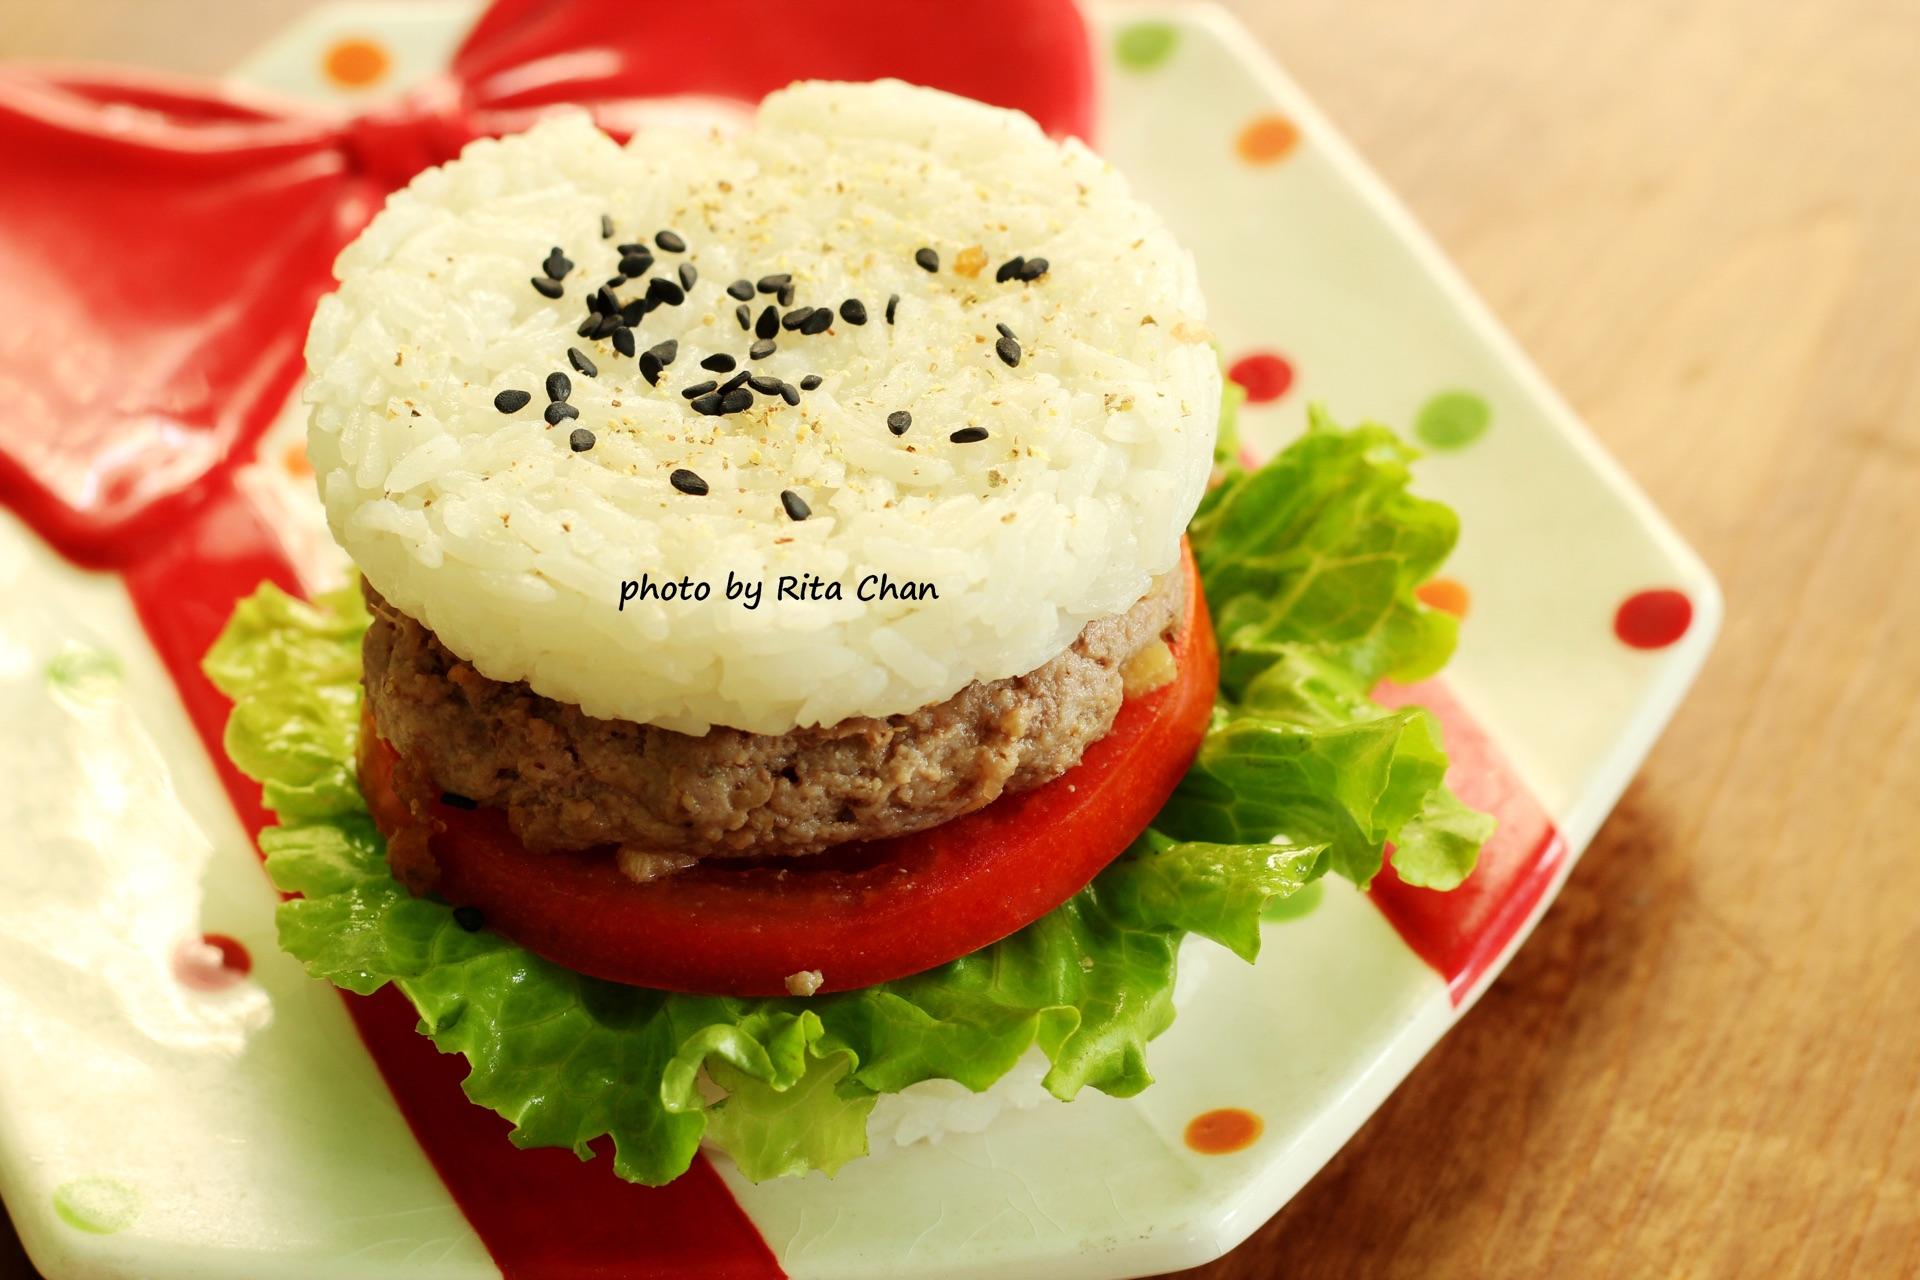 造型可爱的米饭汉堡,满满哒正能量!